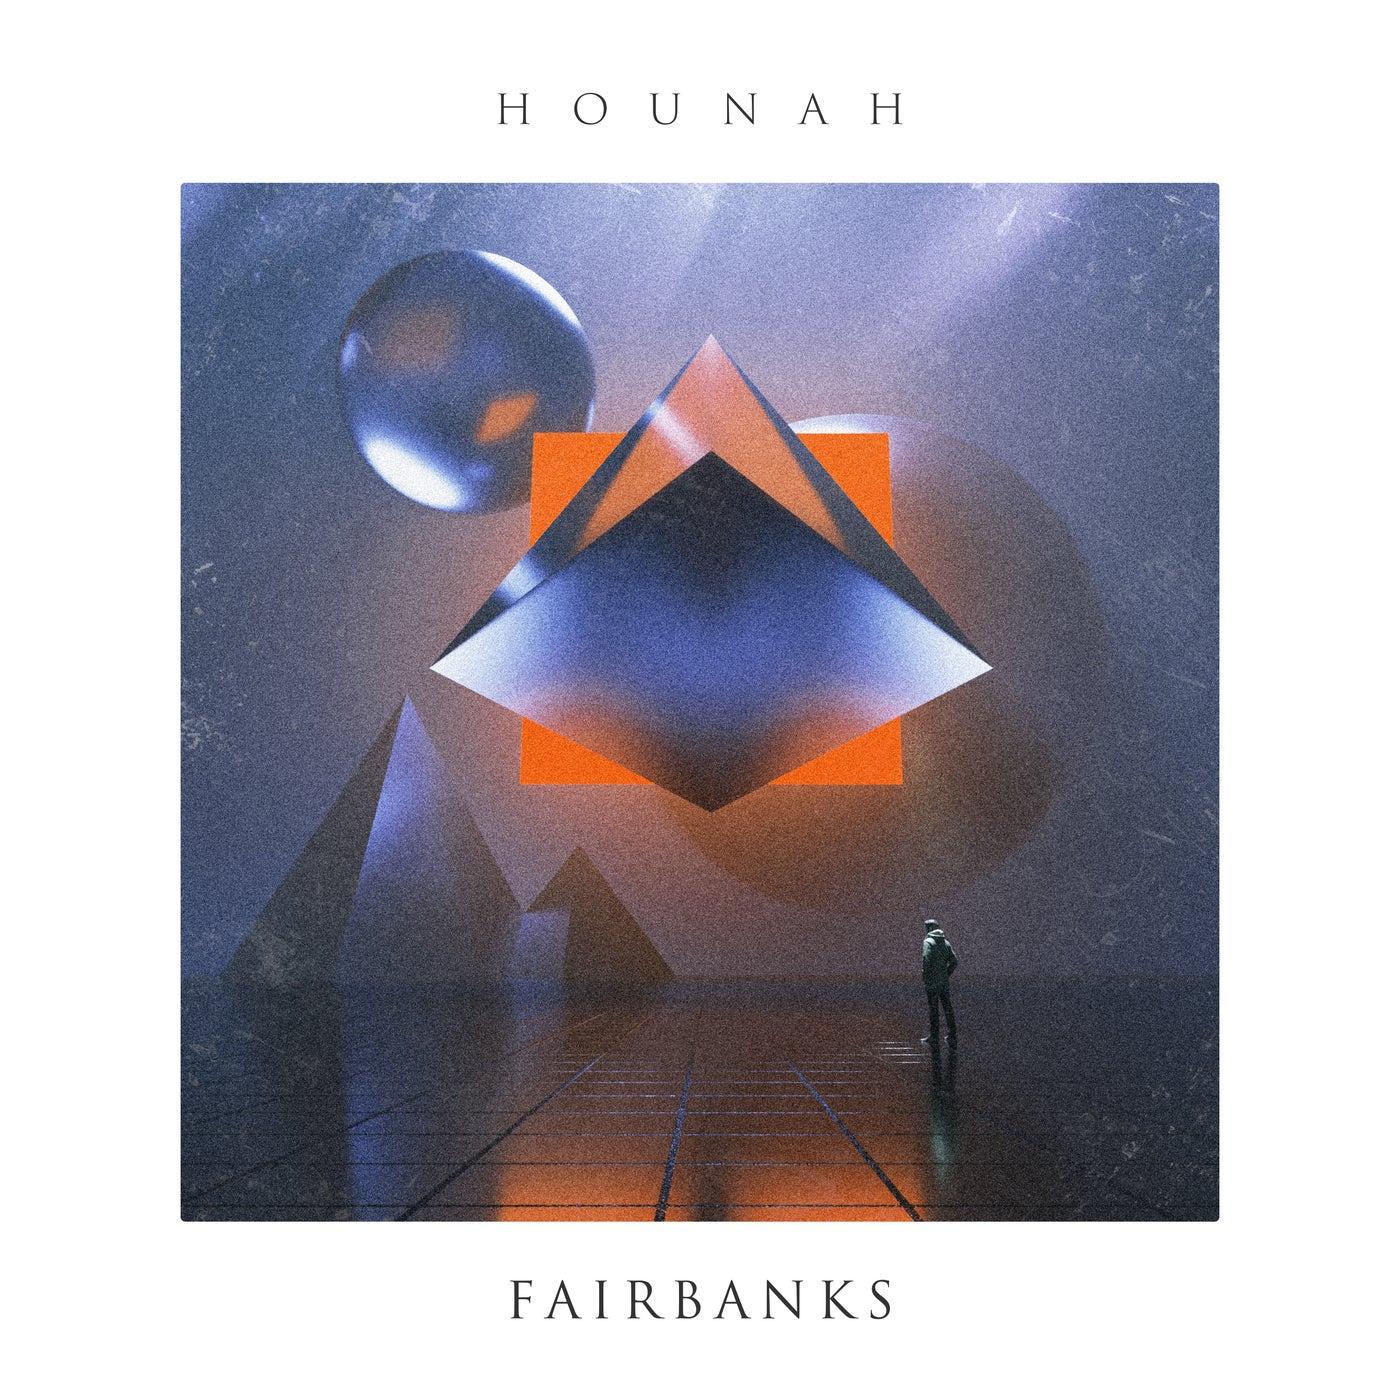 Fairbanks (Deadbeat's Word Sound And Power Dub)